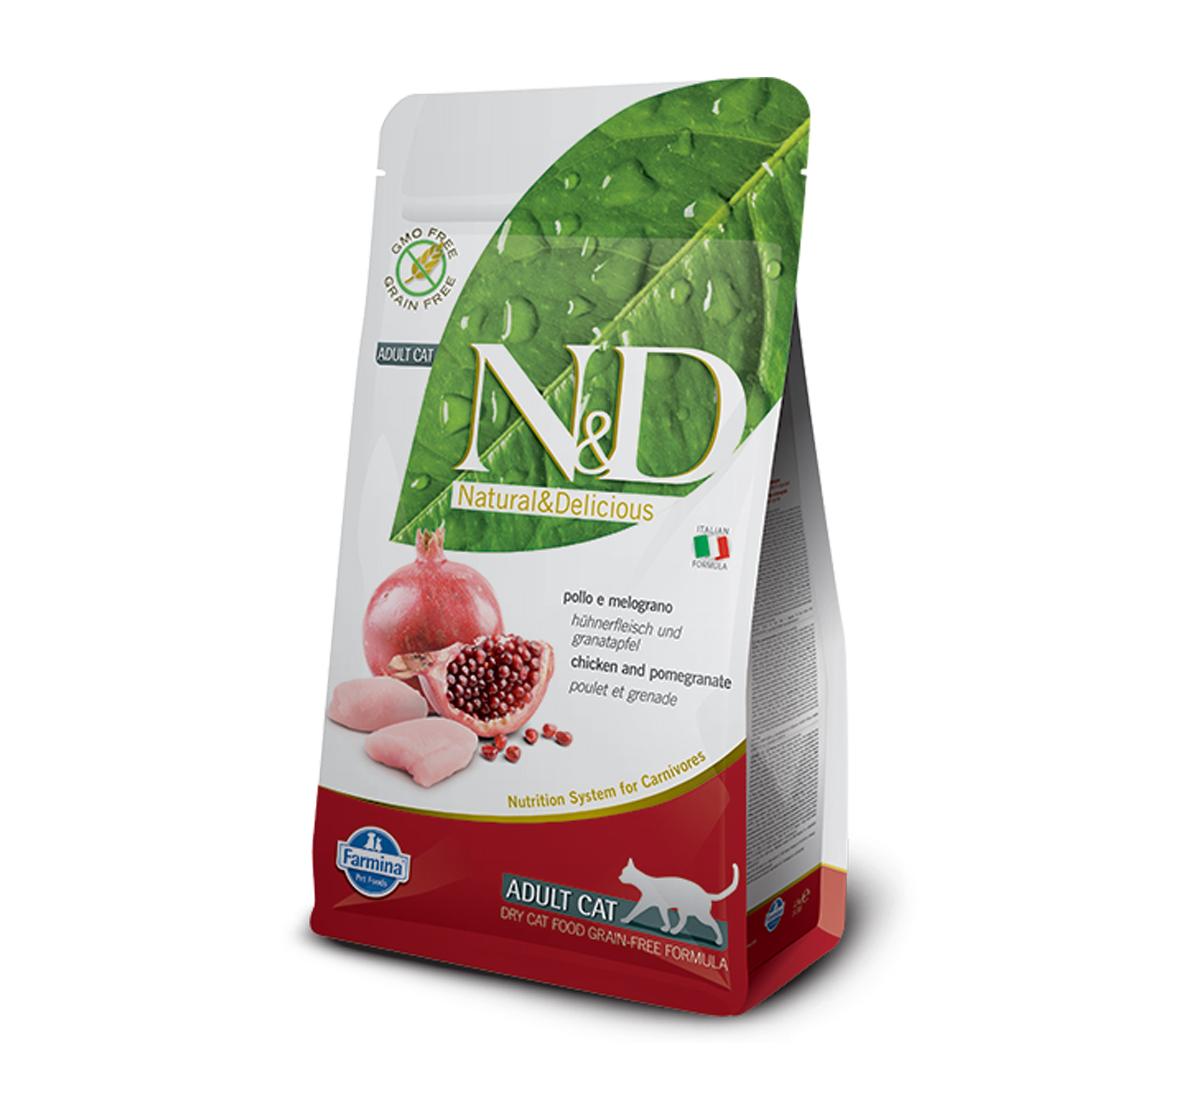 Farmina N&D Dry Cat Food Grain Free Chicken & Pomegranate Adult Cat - 5 Kg